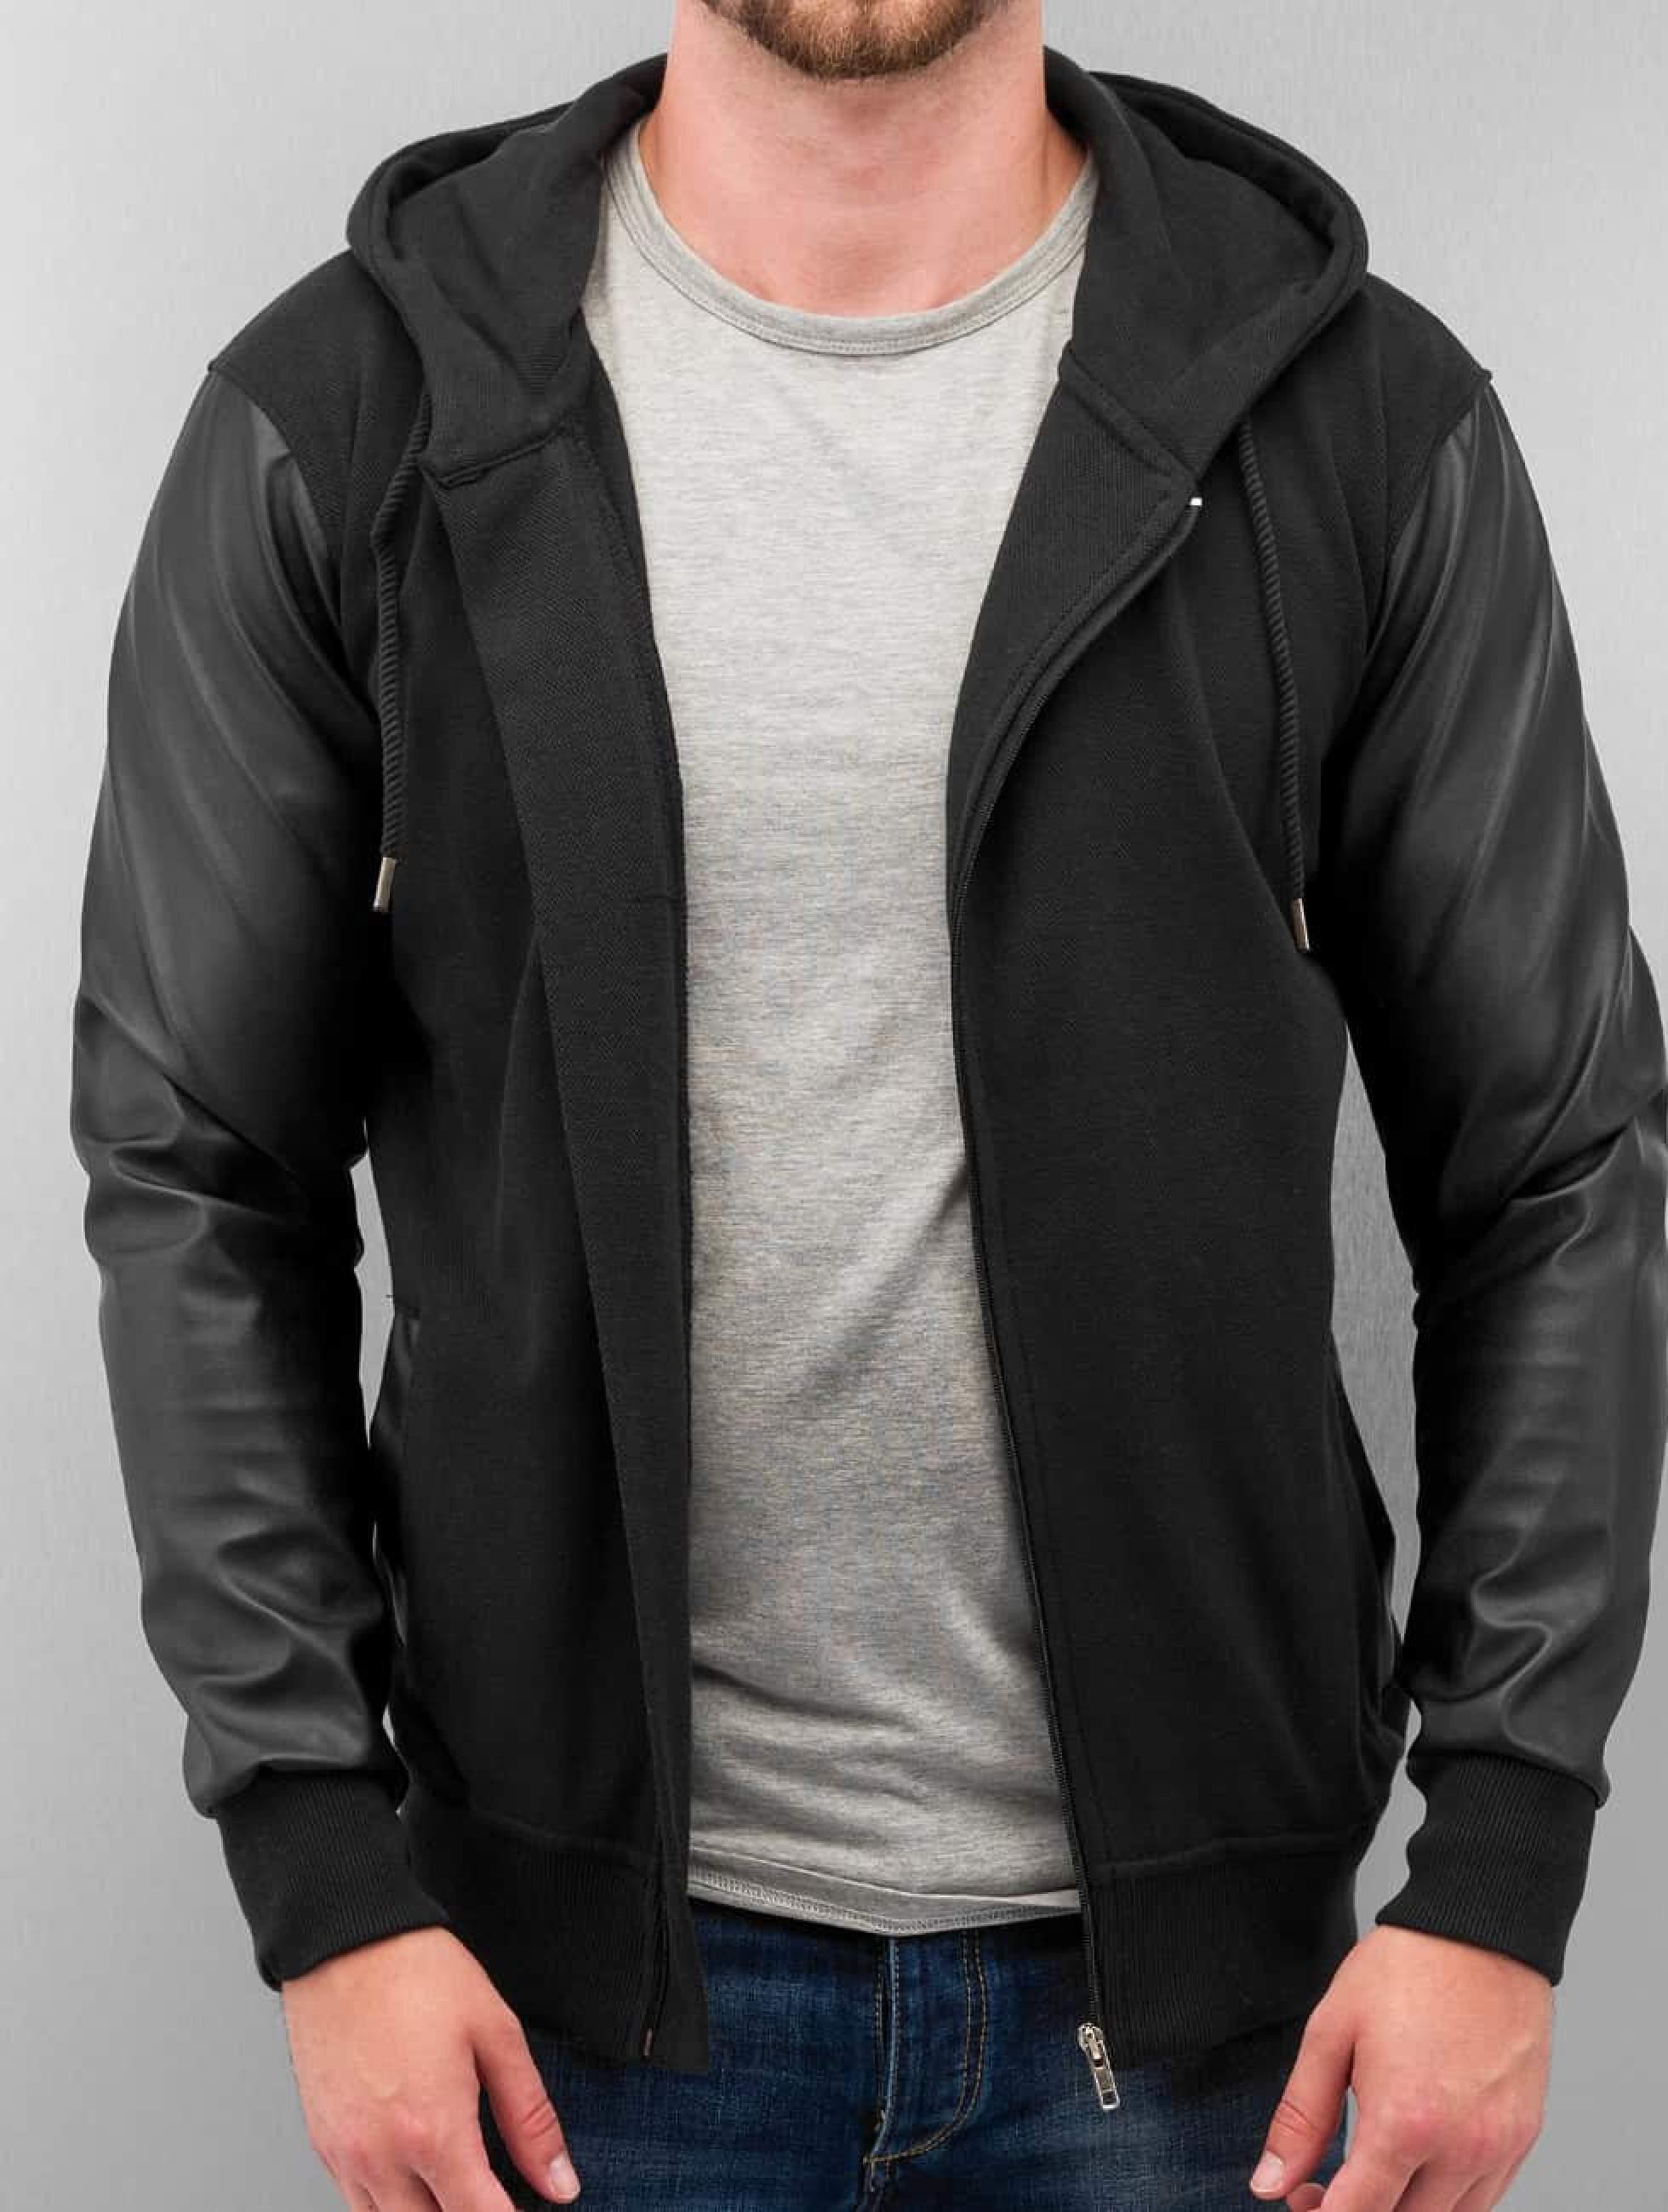 Bangastic / Zip Hoodie PU Sleeve in black M